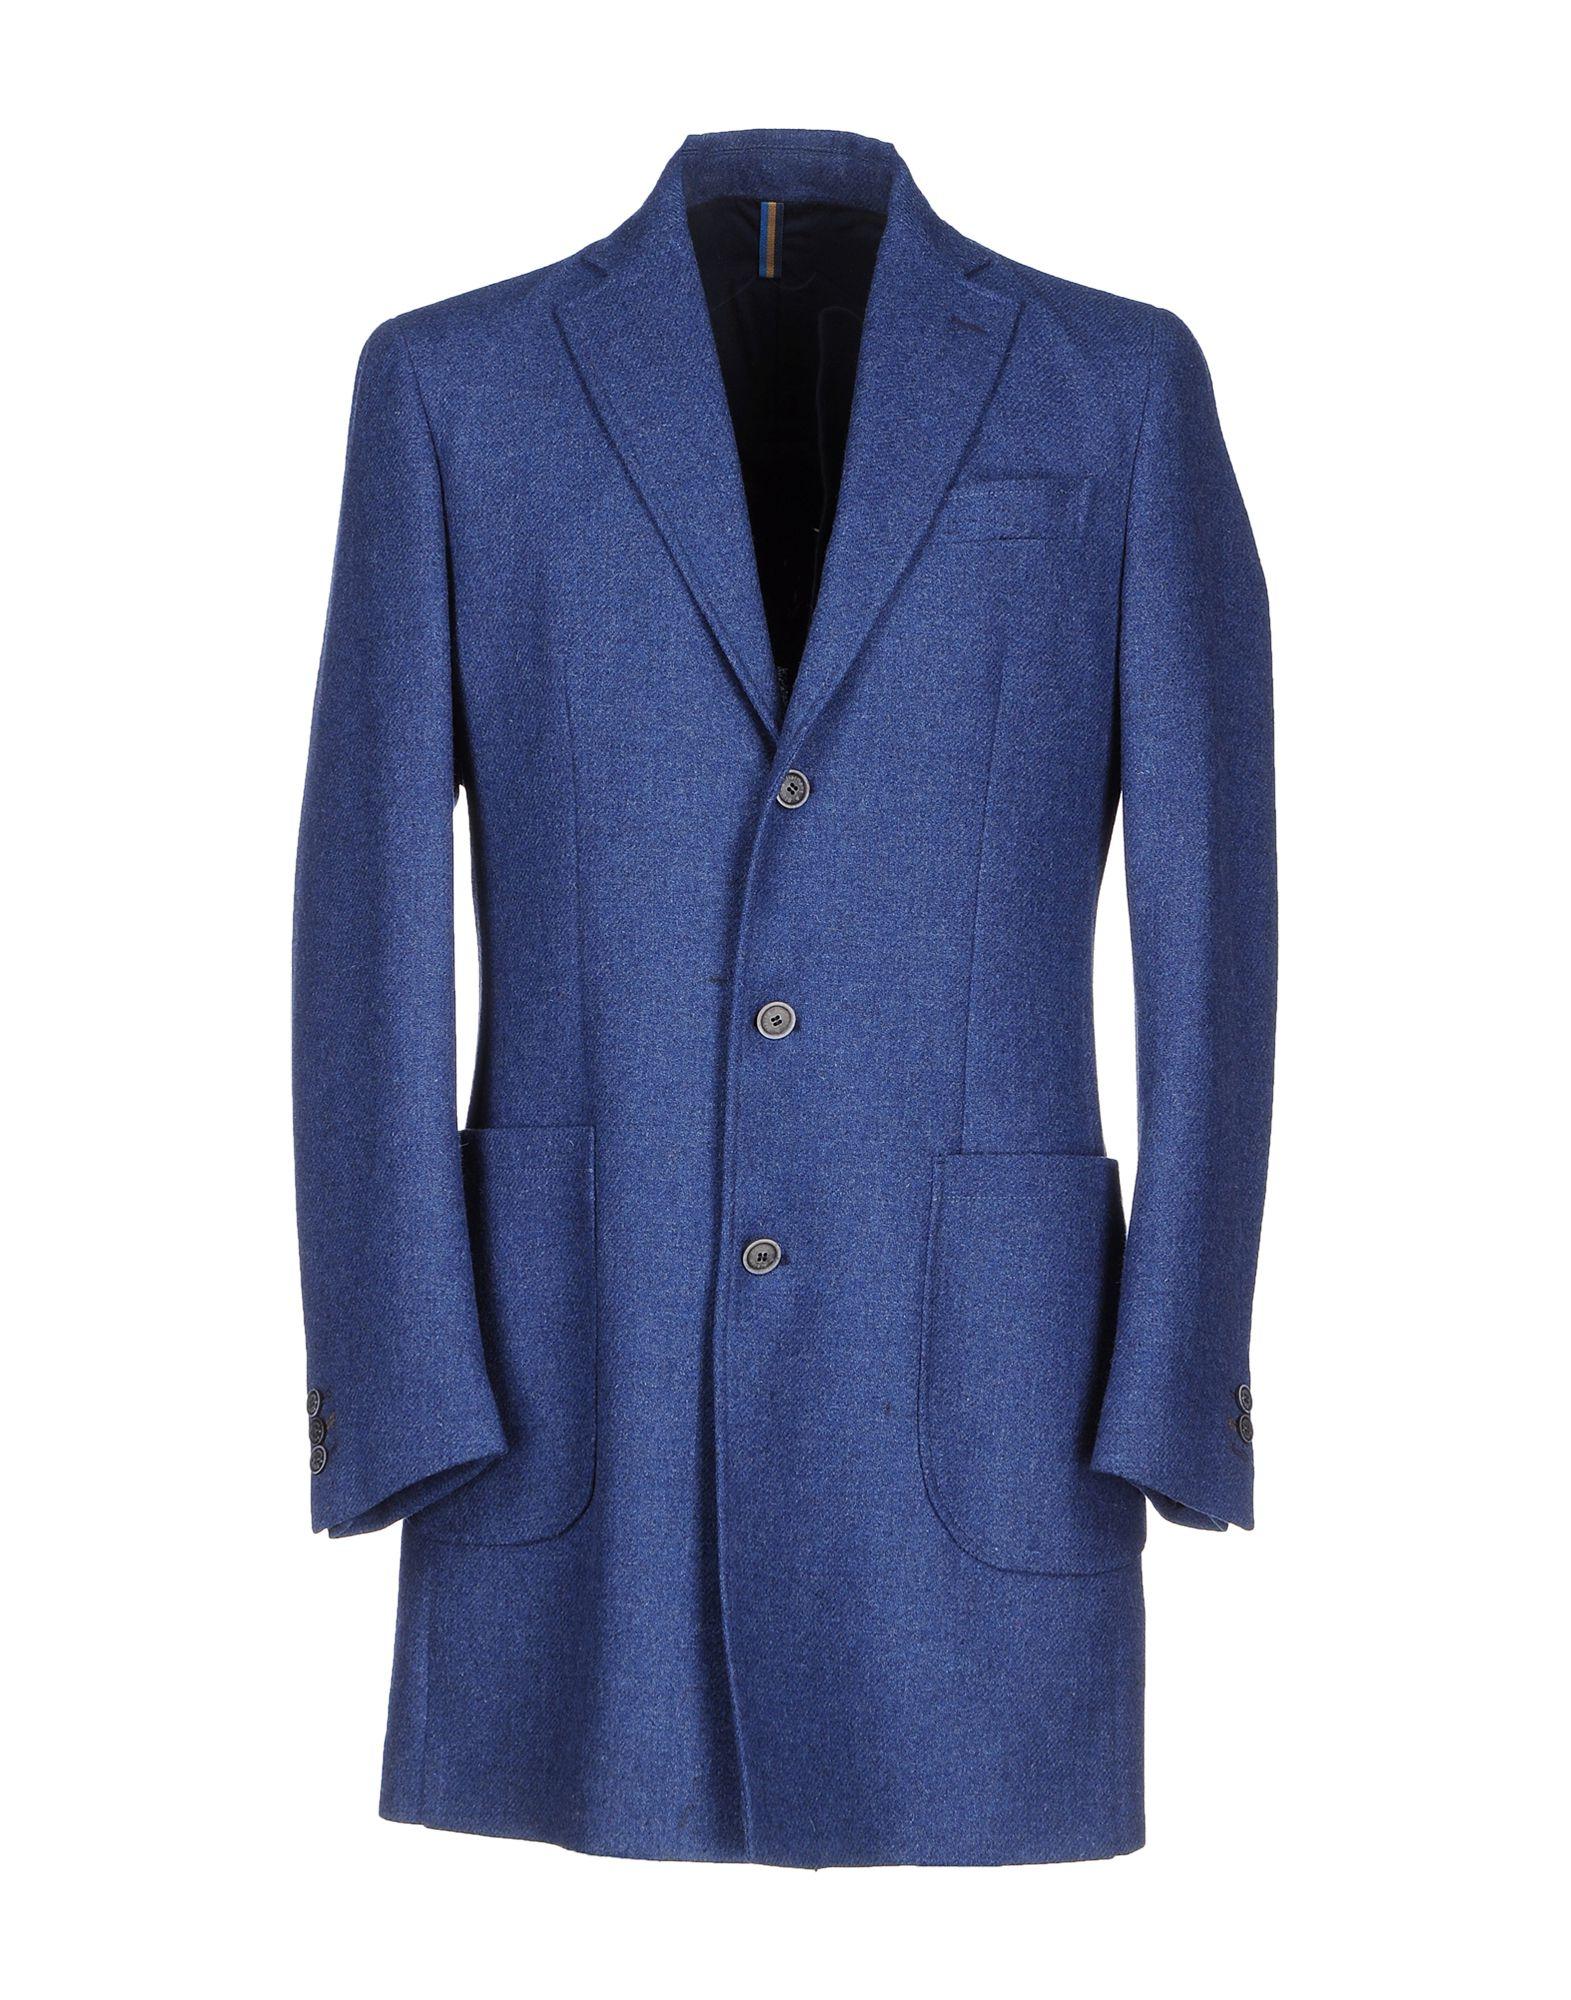 harmont and blaine jacket - photo #11